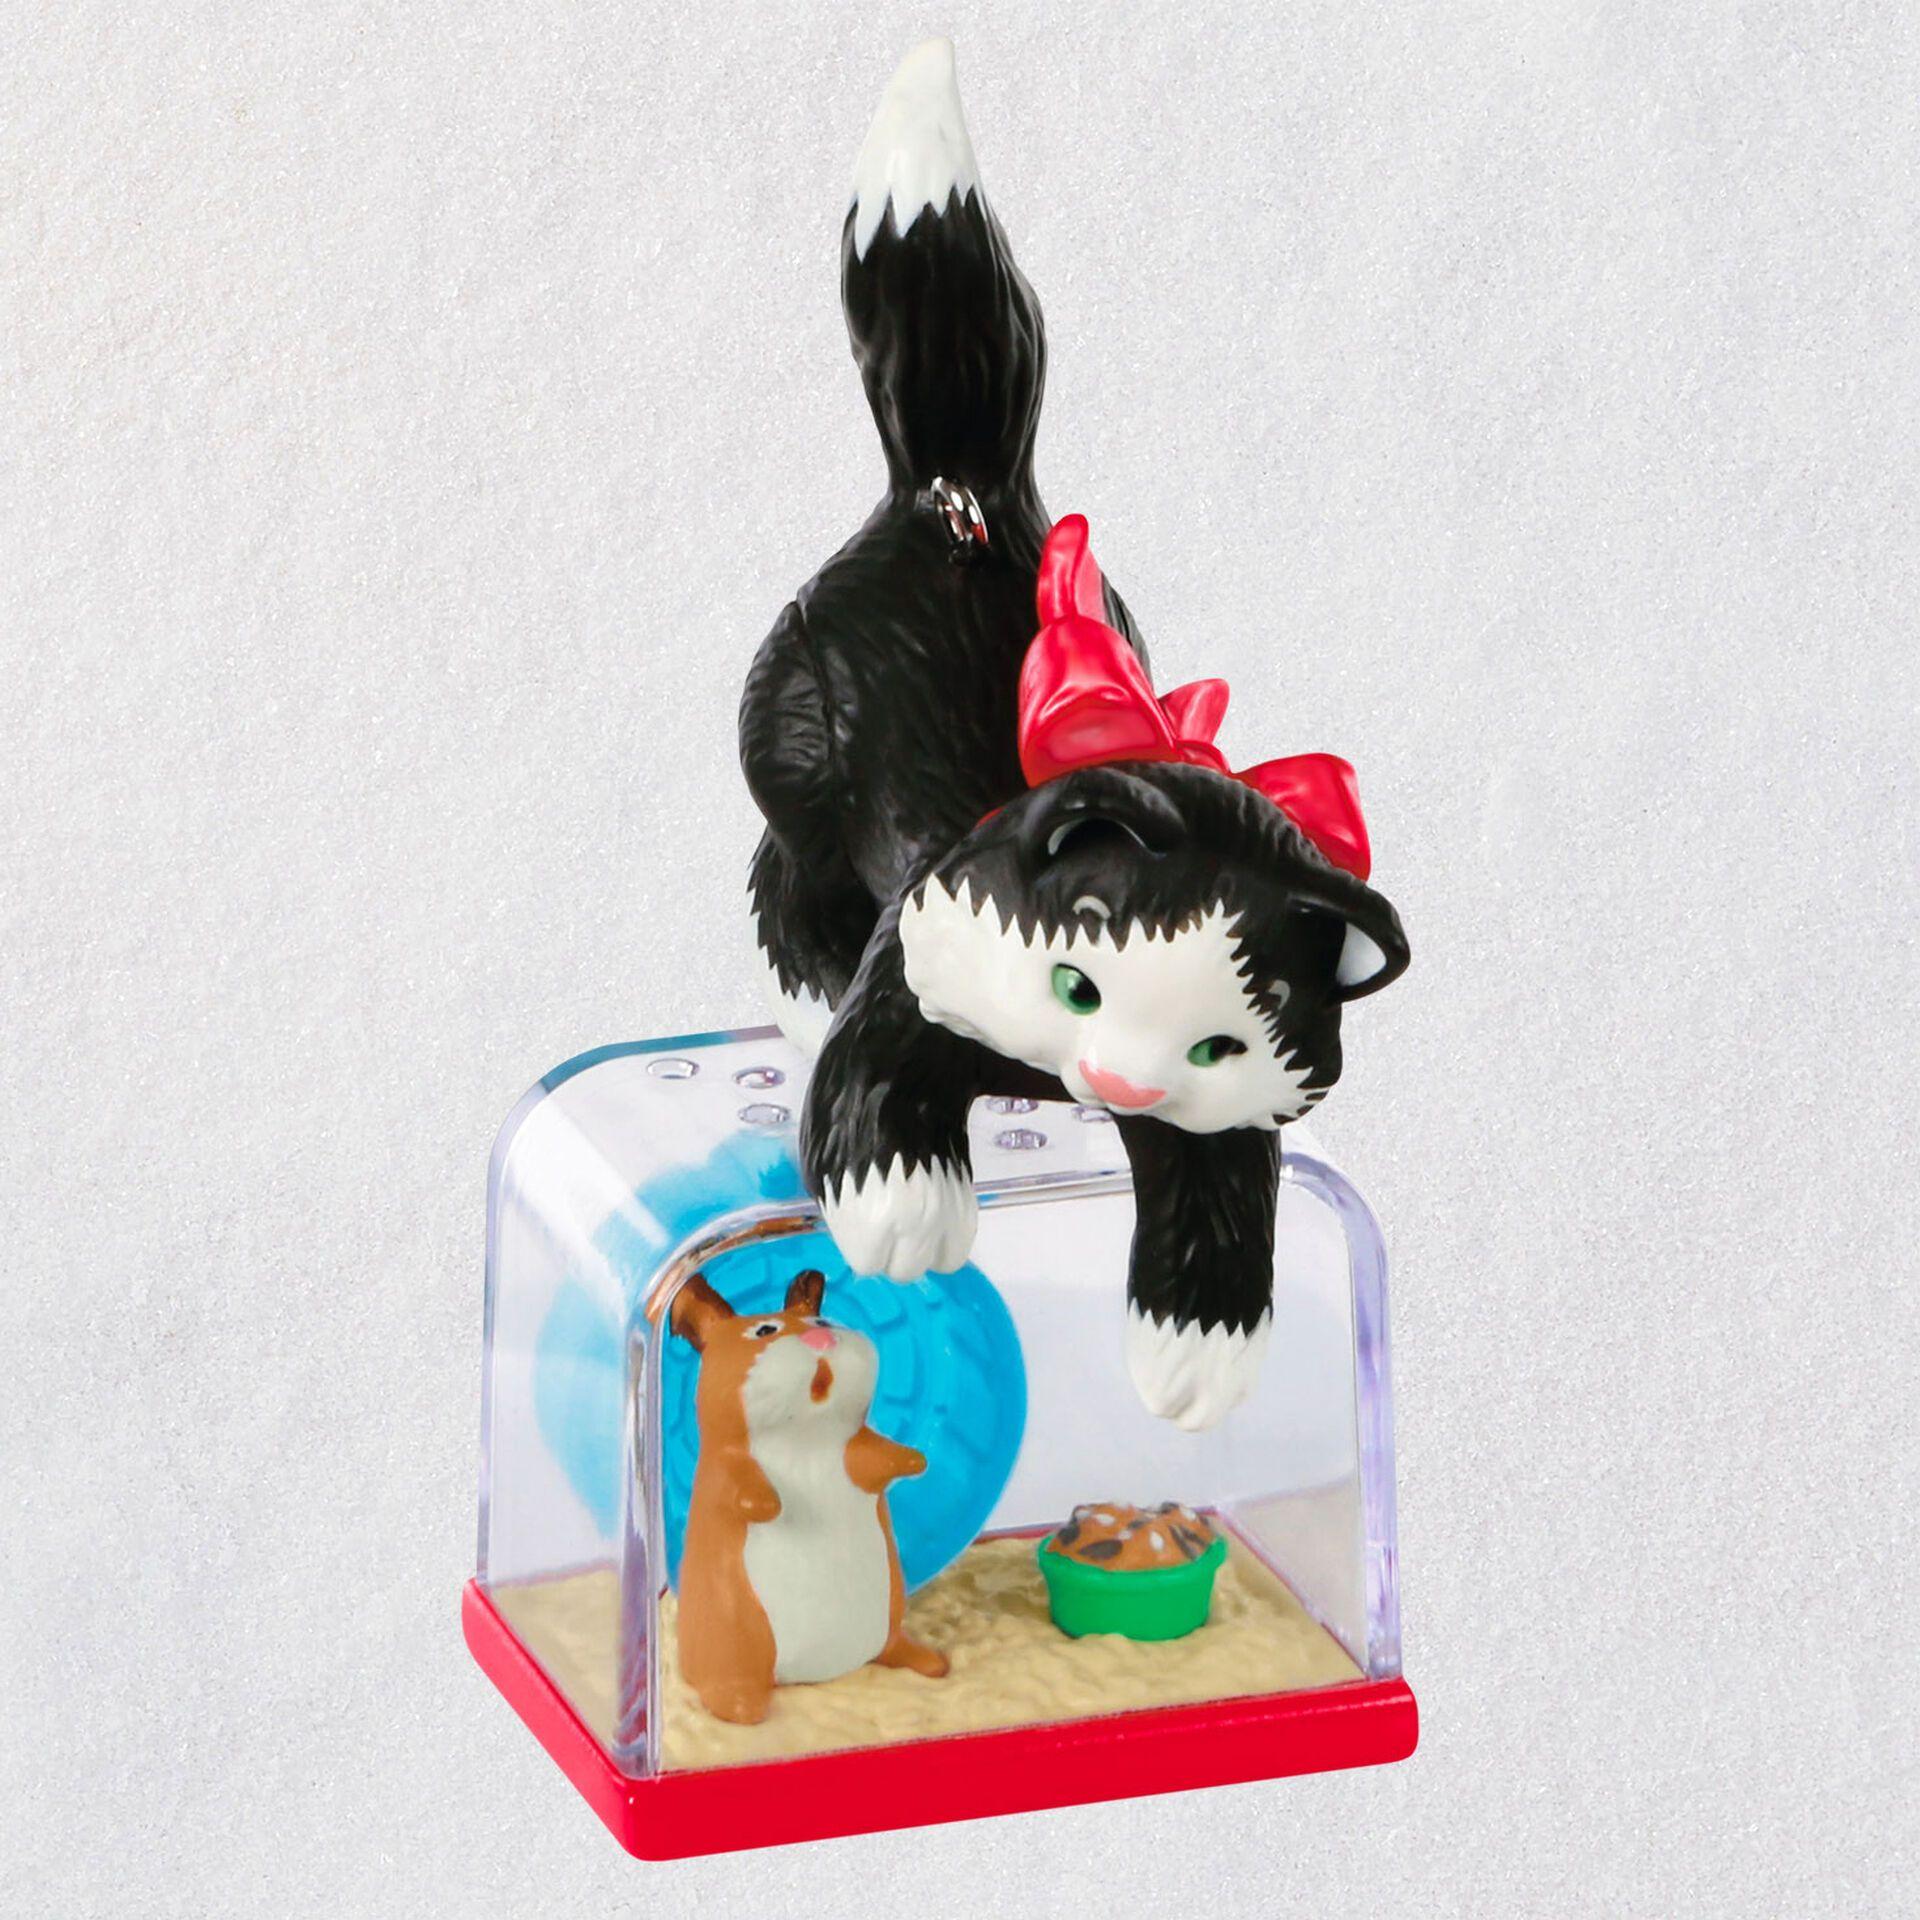 Mischievous Kittens Ornament In 2020 Hallmark Christmas Ornaments Hallmark Disney Ornaments Christmas Keepsakes